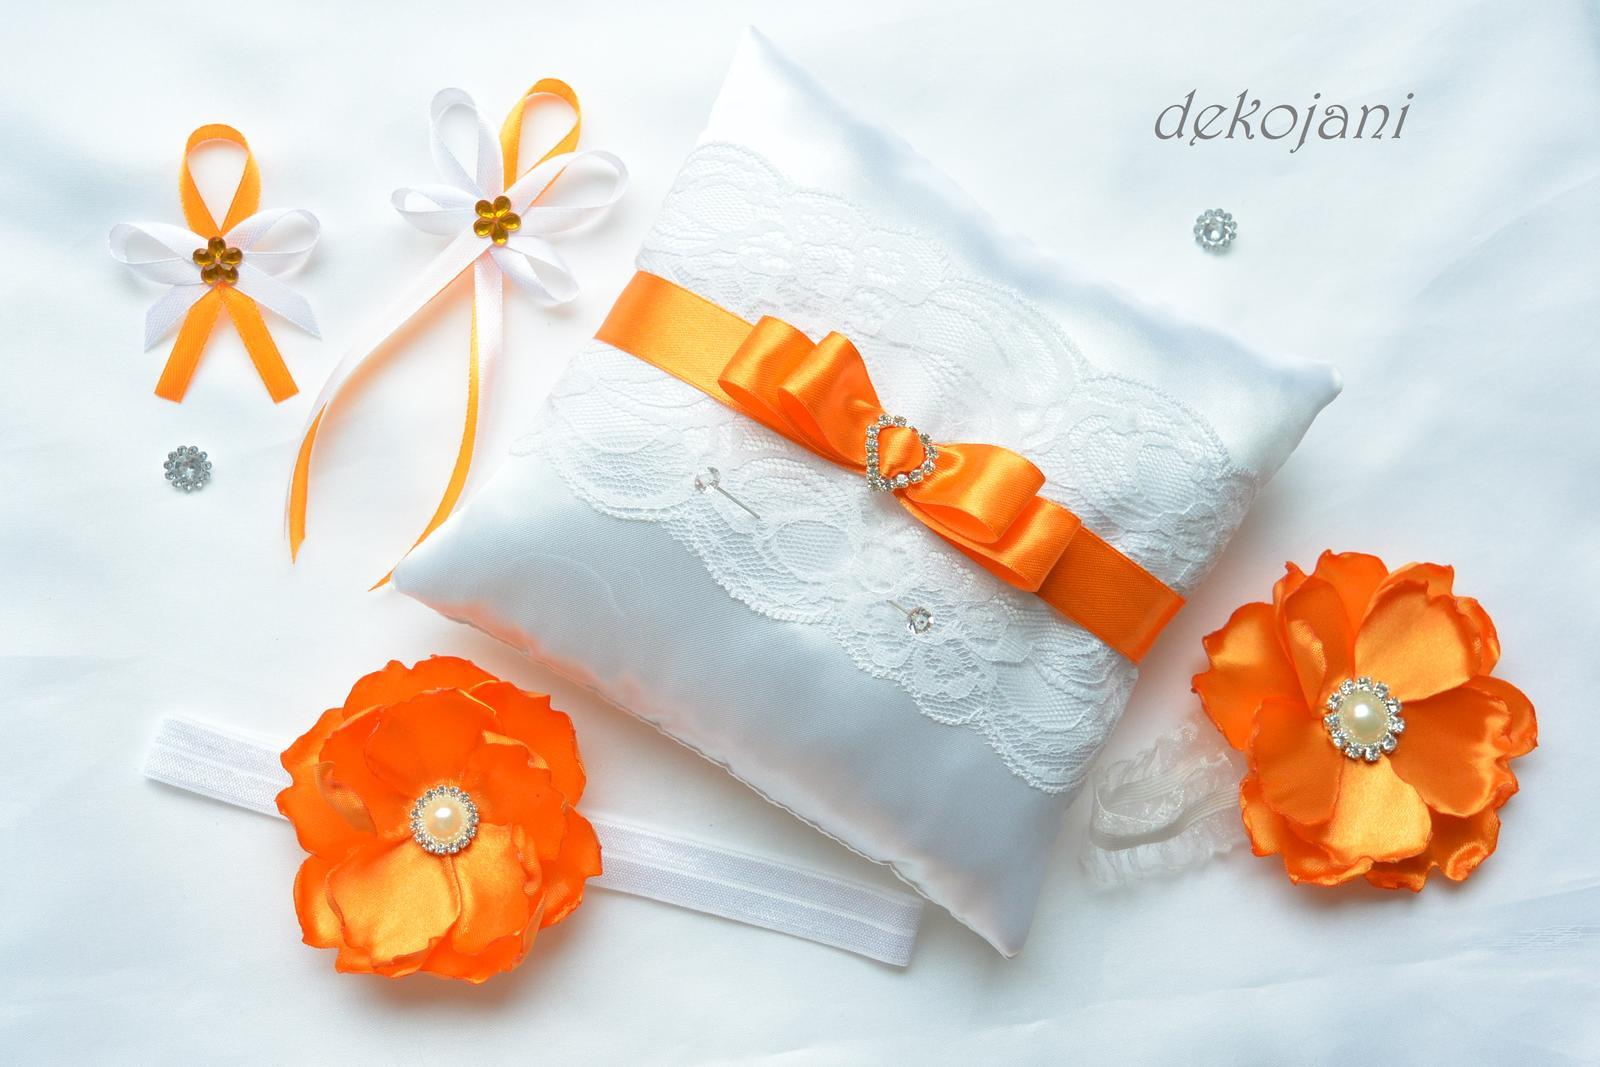 Svatební polštářek s krajkou, mašlí a sponou - Obrázek č. 1